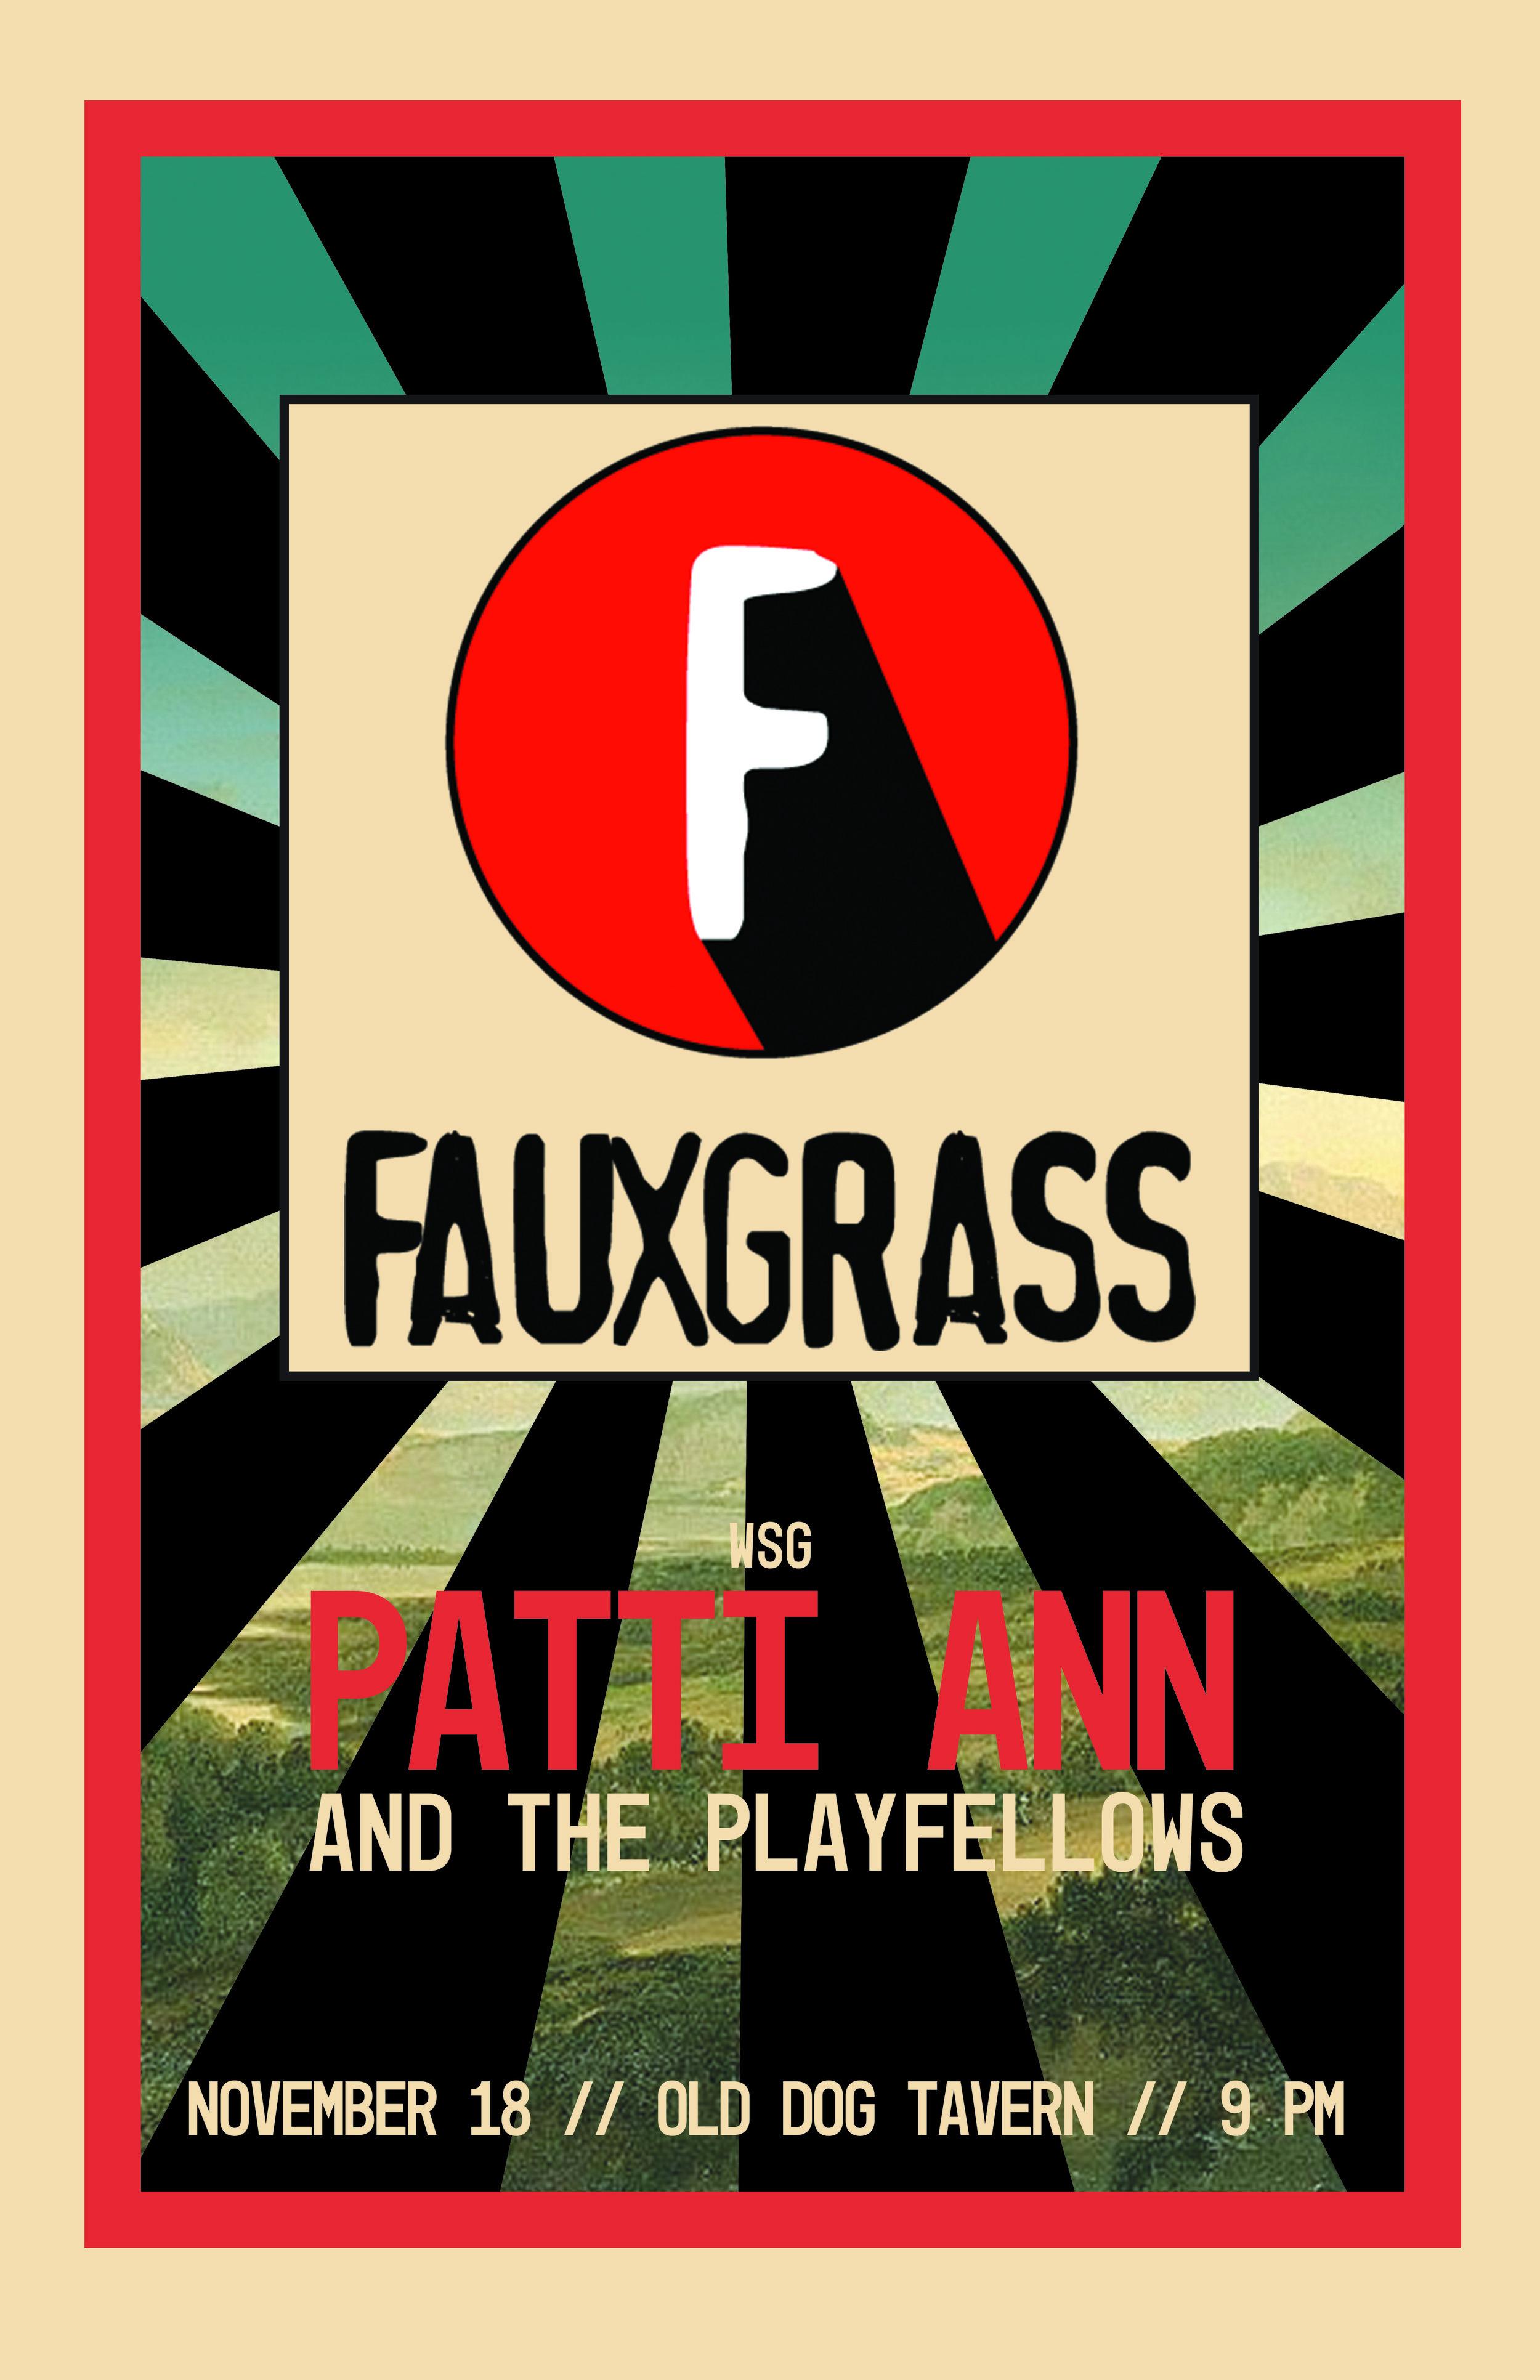 fauxgrass11x17.jpg